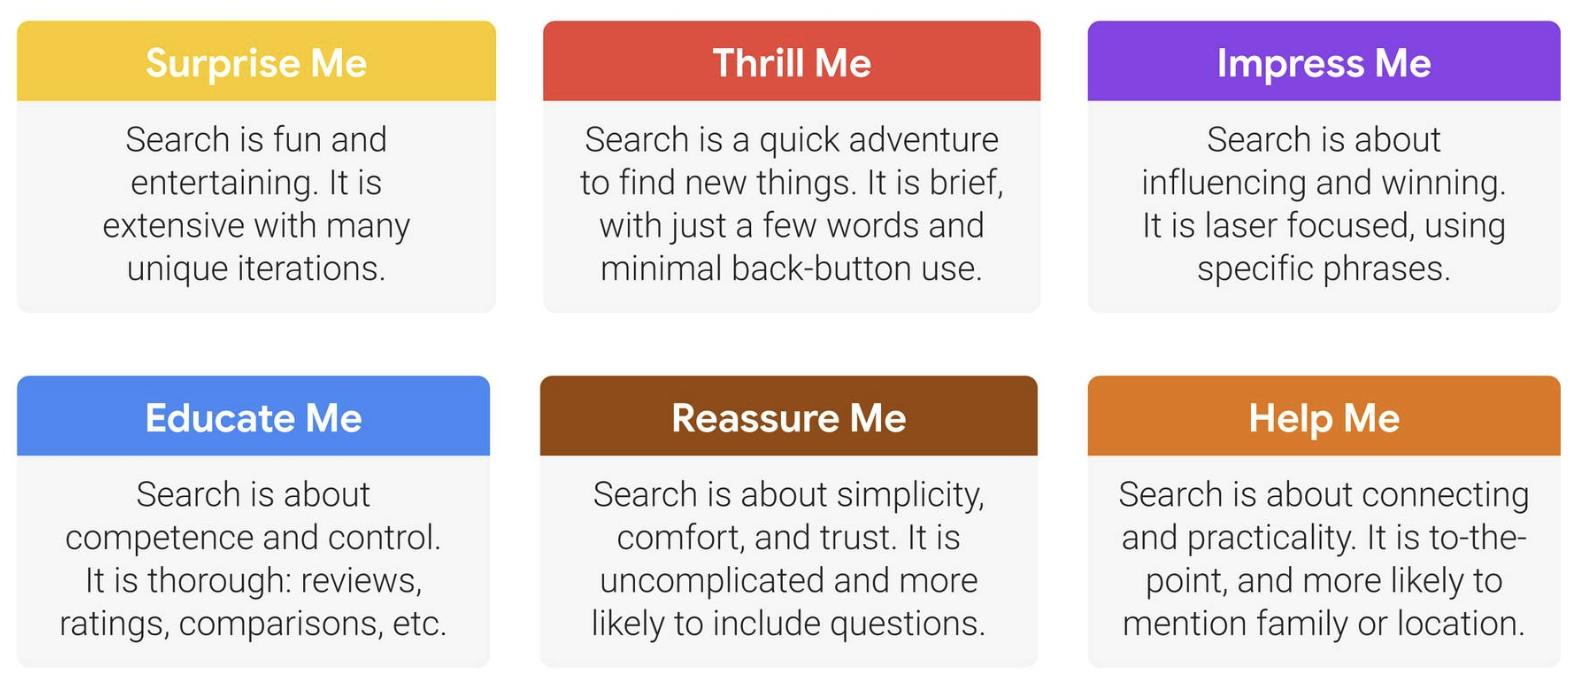 الاحتياجات الستة التي حددتها جووجل/Google